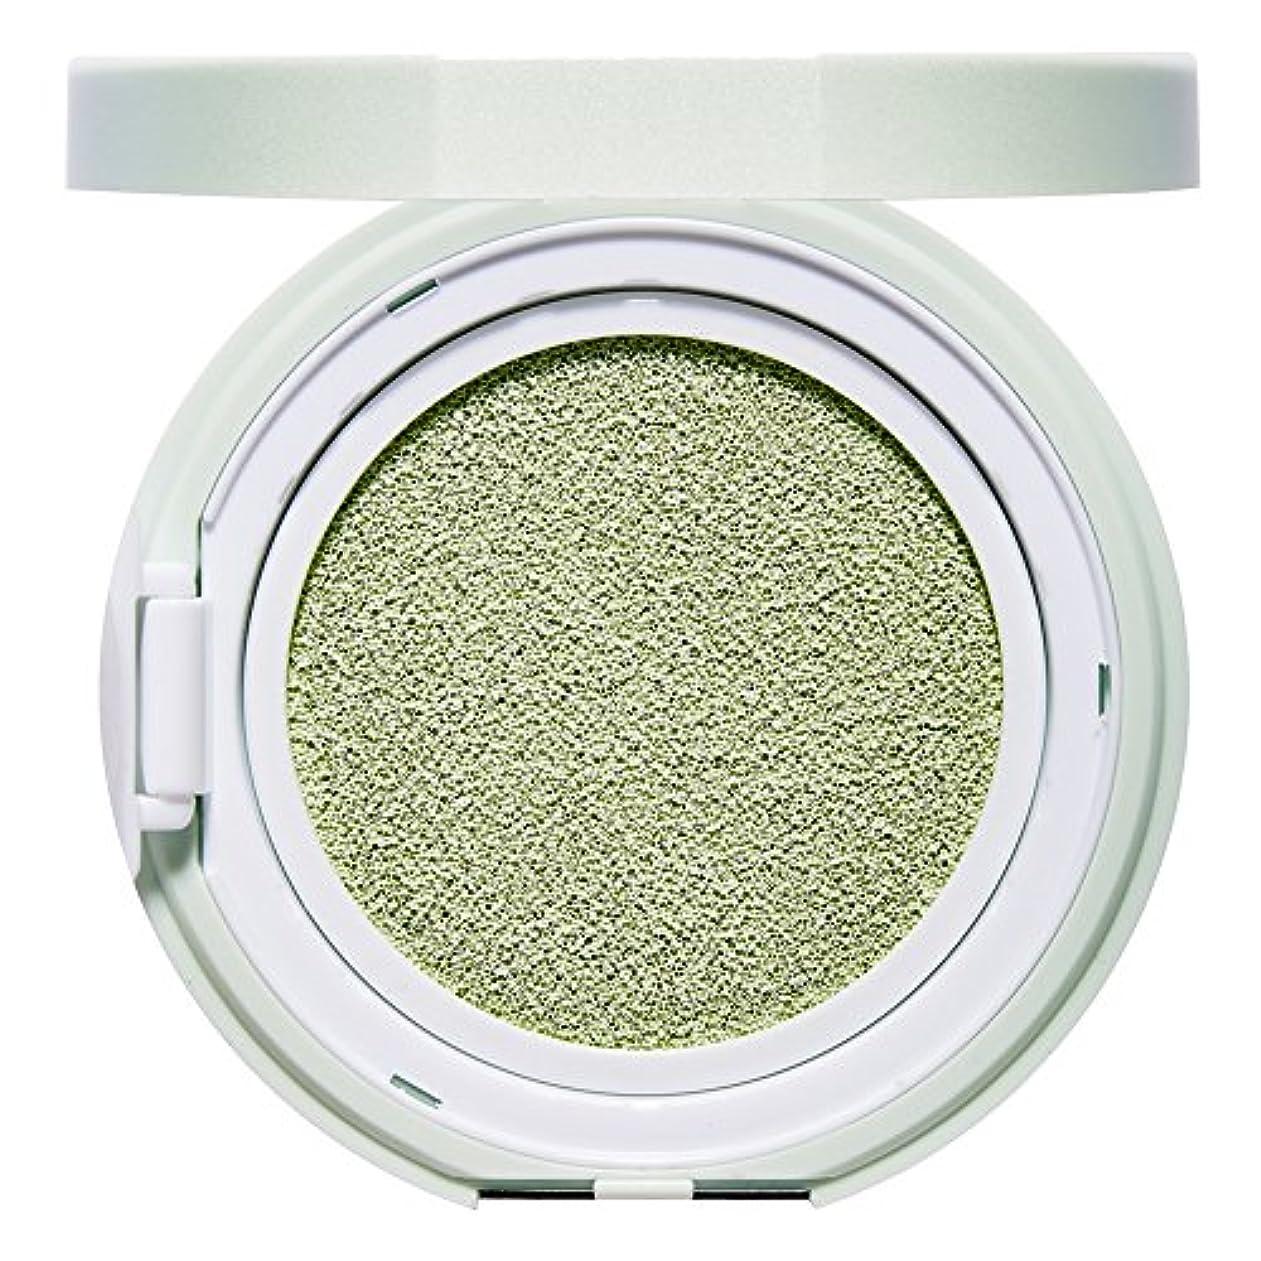 バターエンジニア上院議員エチュードハウス(ETUDE HOUSE) エニークッション カラーコレクター Mint[化粧下地、コントロールカラー、緑、グリーン]